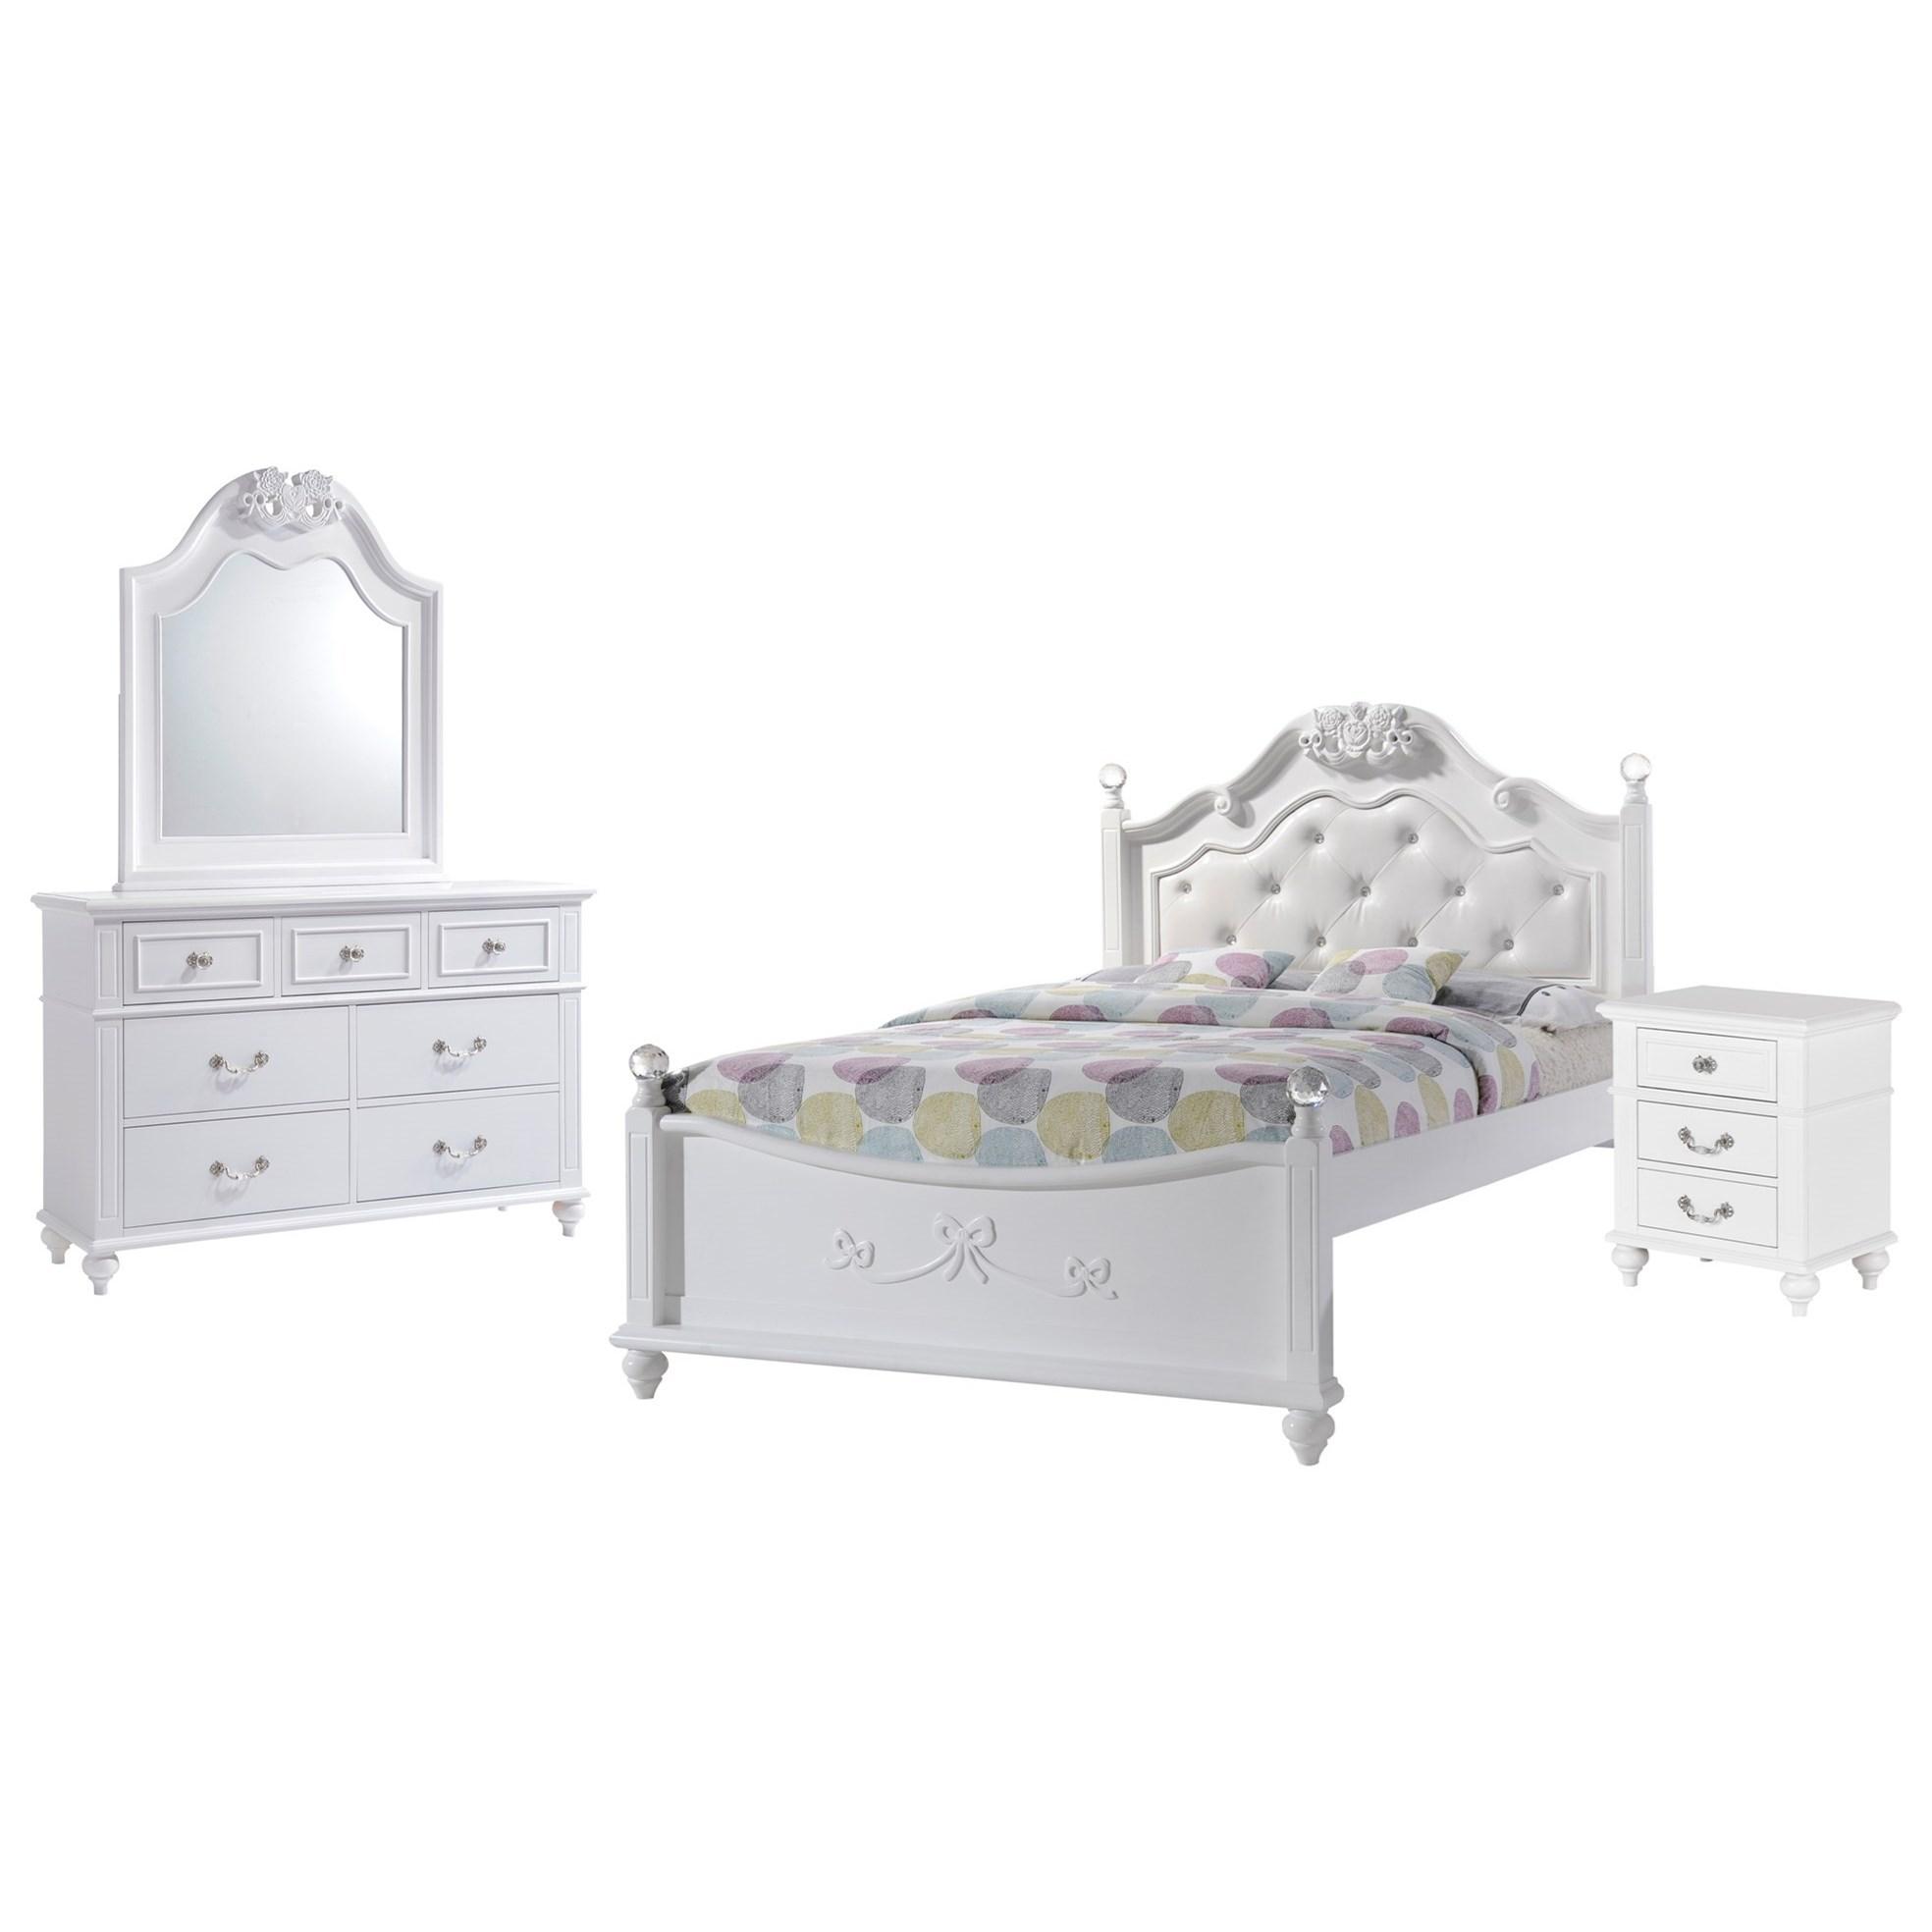 Full 4-Piece Bedroom Set